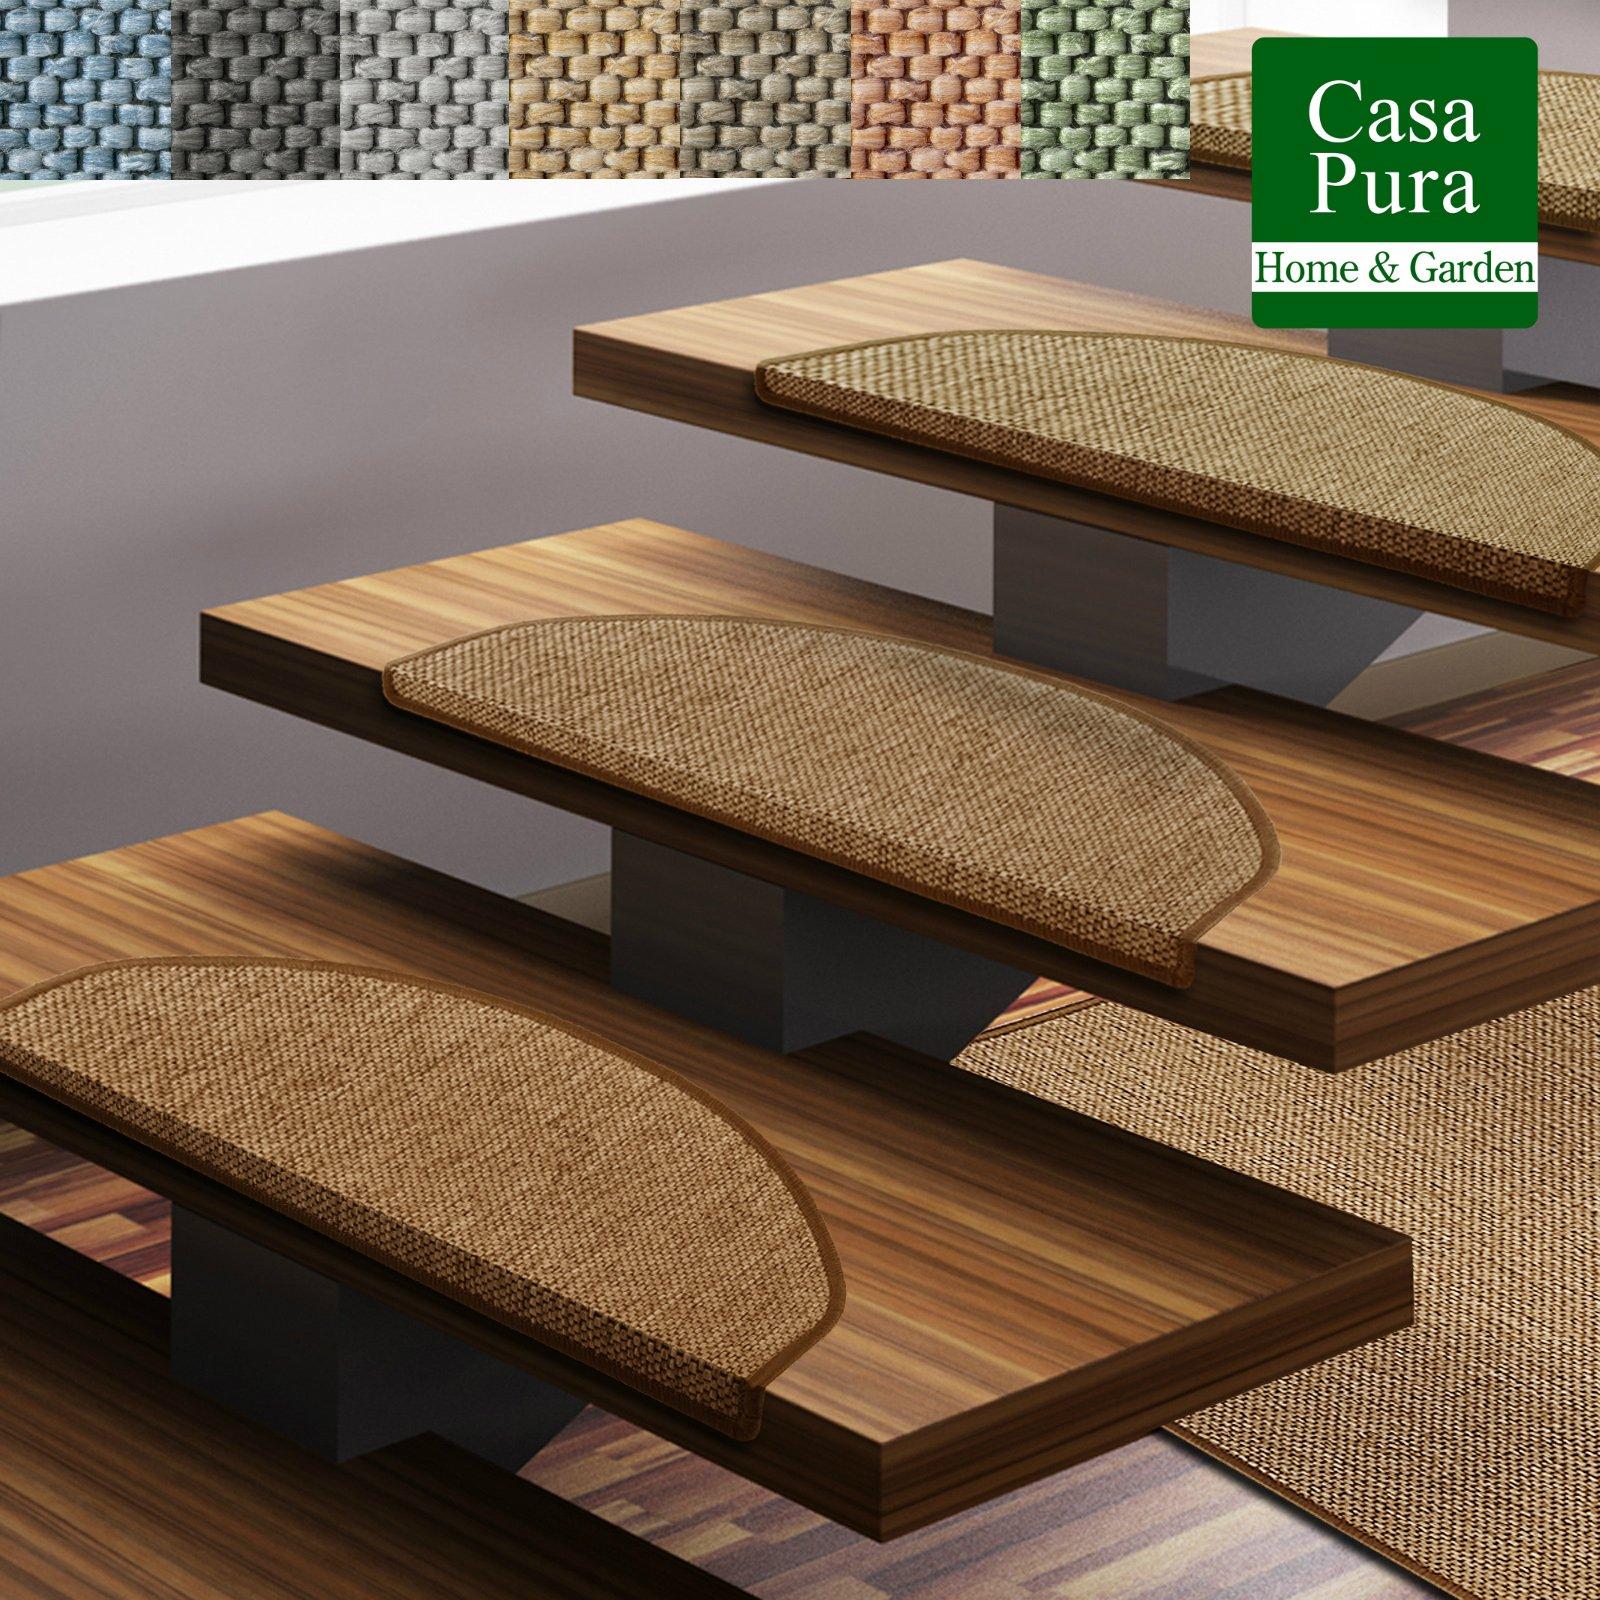 casa pura Alfombras para Escaleras - Alfombras Peldaños | SABANG | Certificado GUT | Antideslizantes | Semicirculares | Set 15pz (Natural, 23.5x65cm): Amazon.es: Hogar